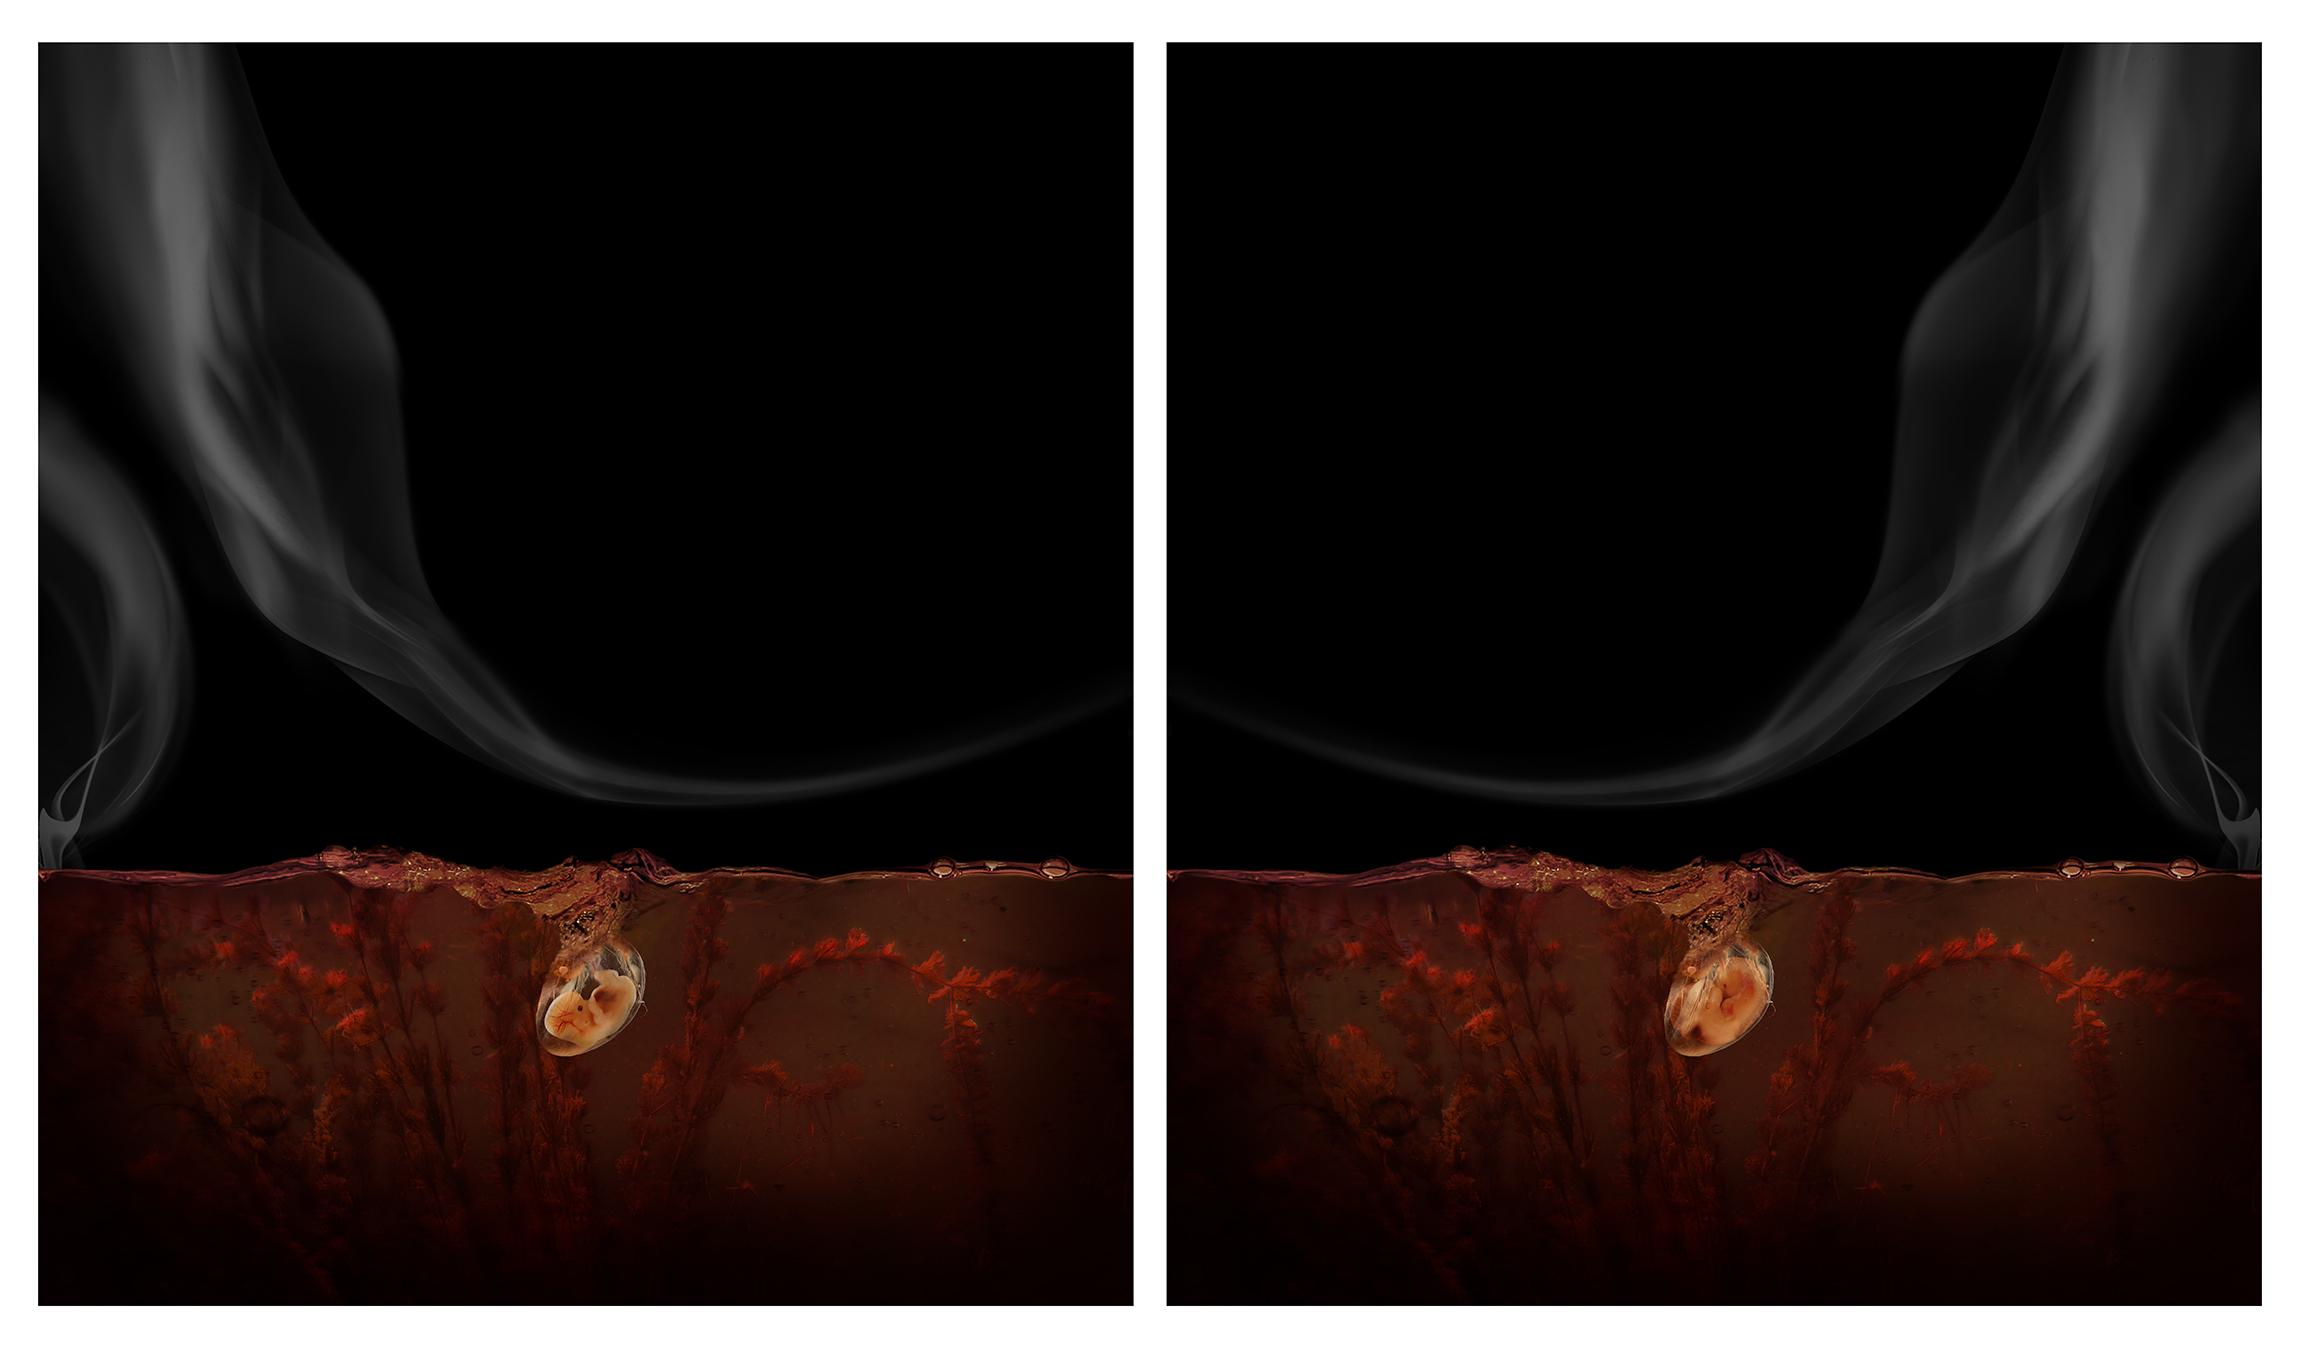 Aqua Aura, La notte gemella, 2017, stampa digitale su carta cotone su alluminio e cornice floccata, 150x260 cm (dittico)